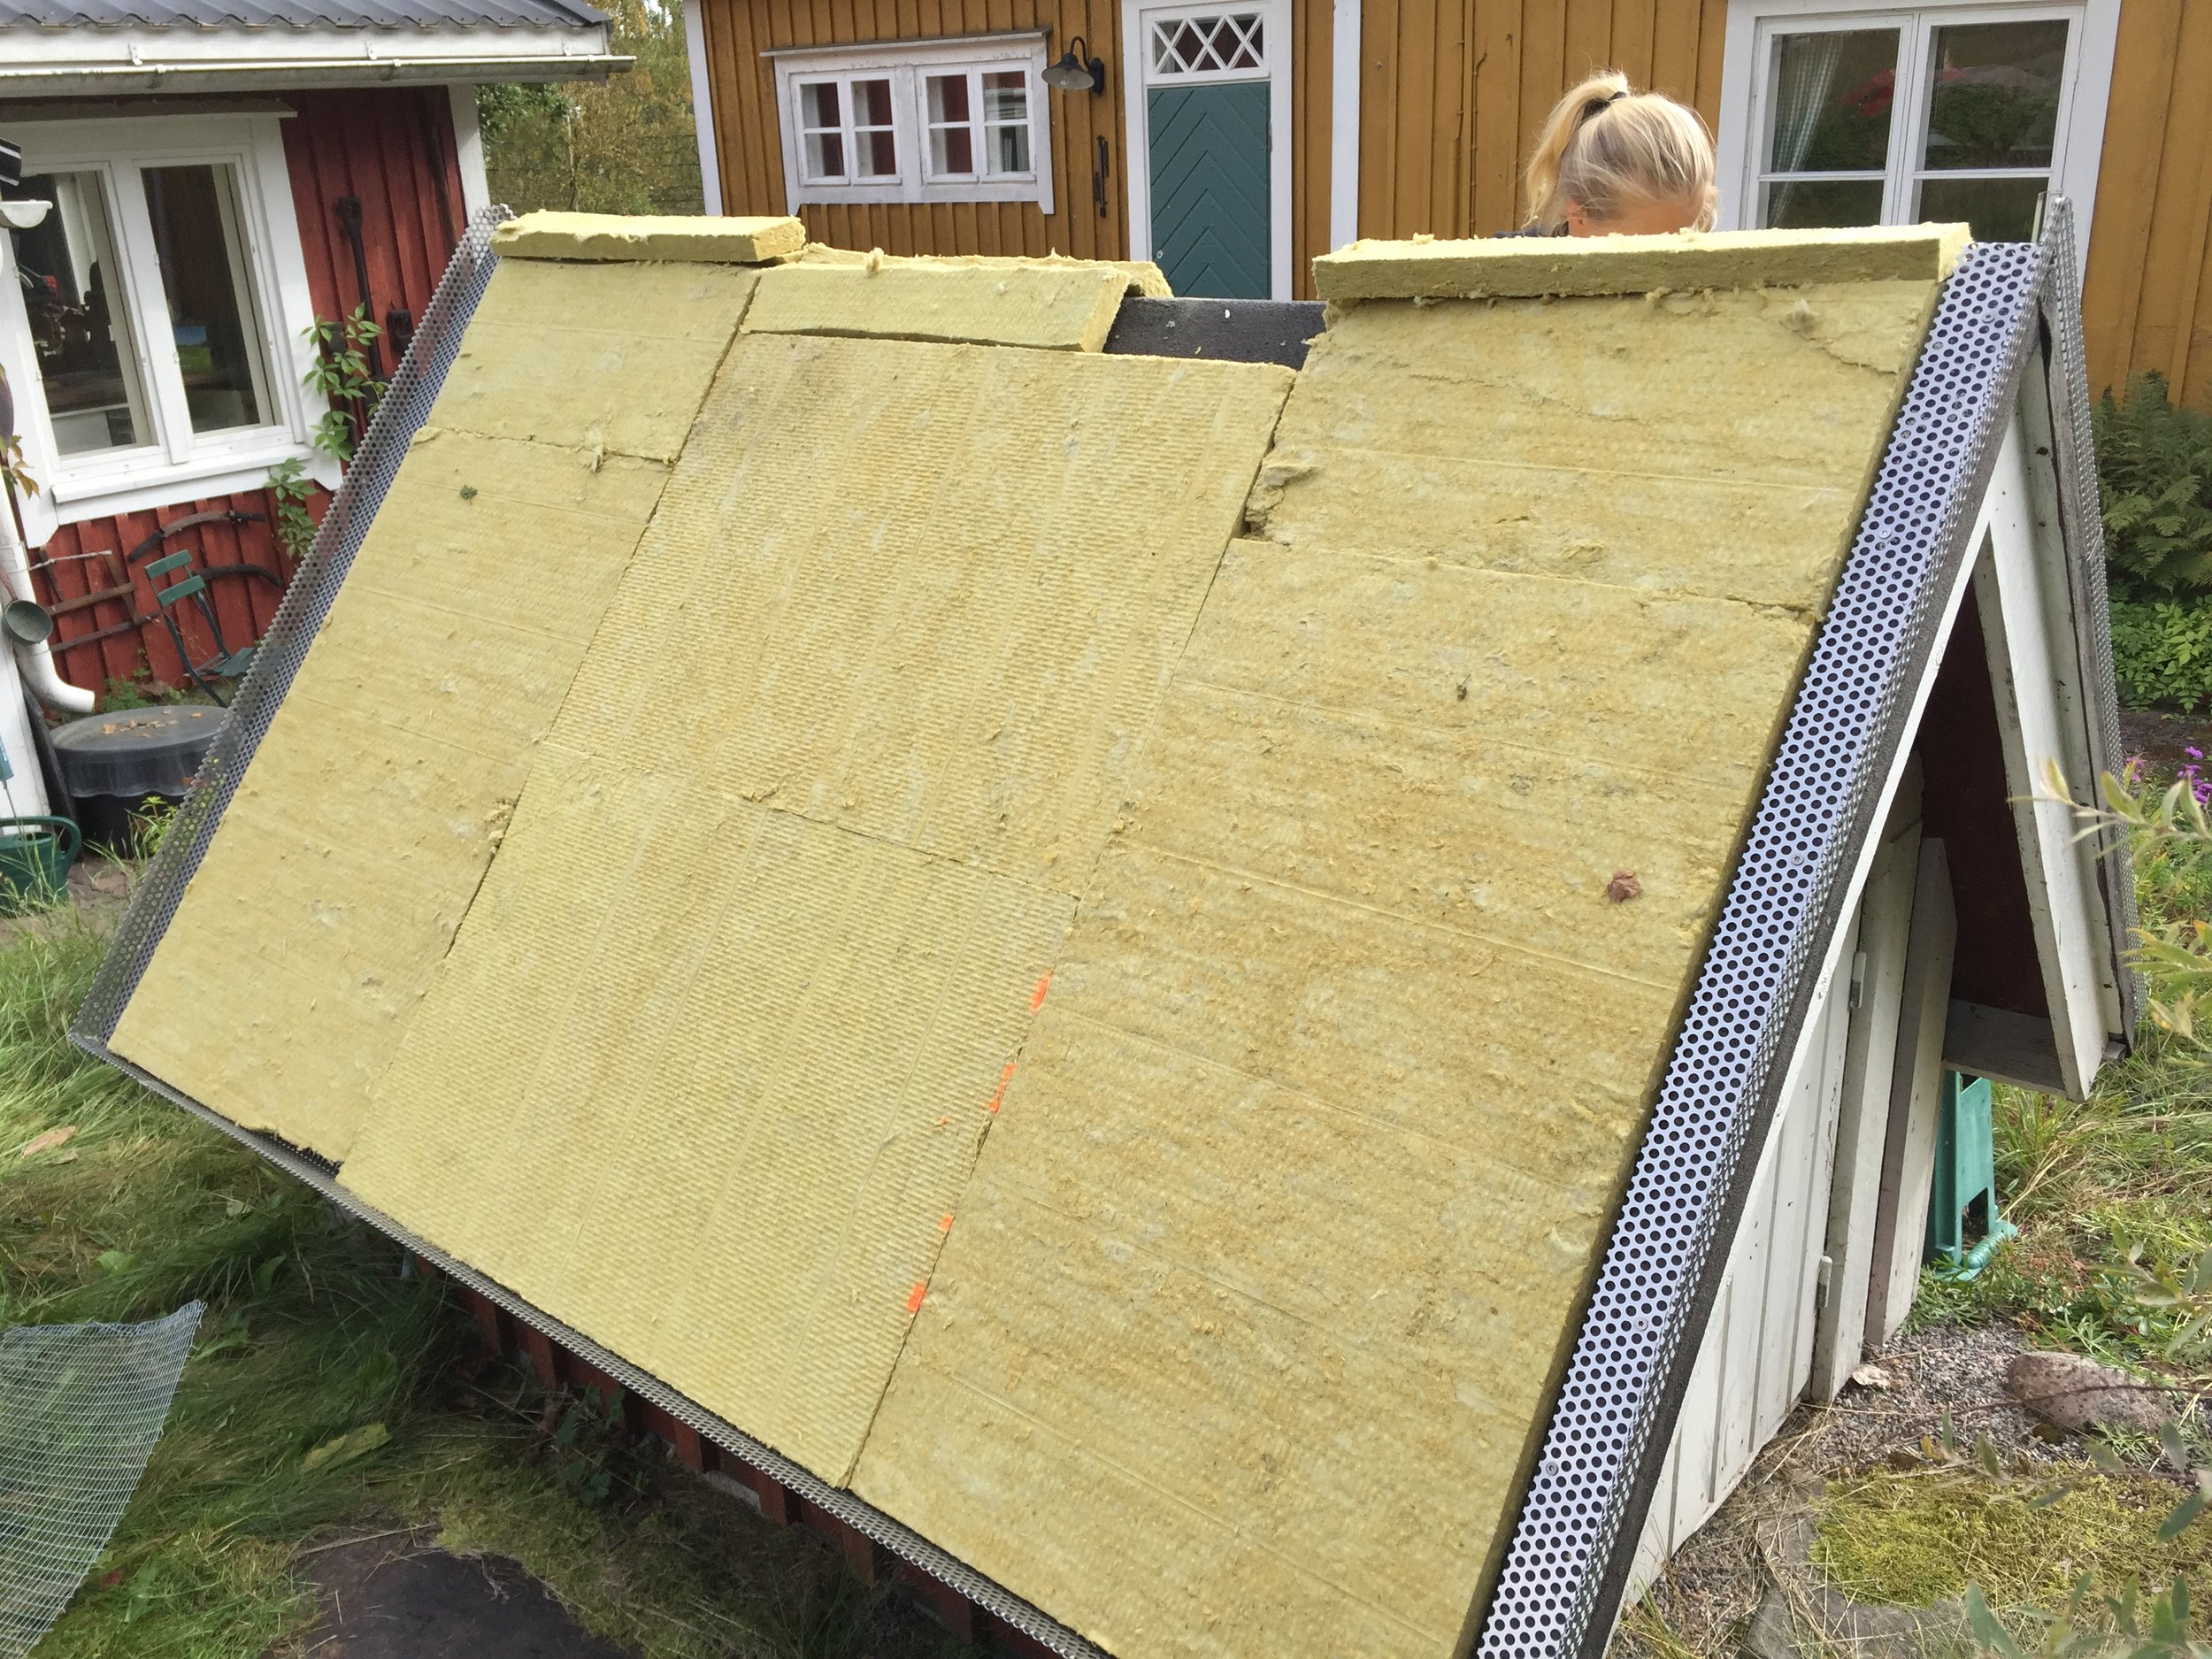 Kesäasunto kaivon katto.